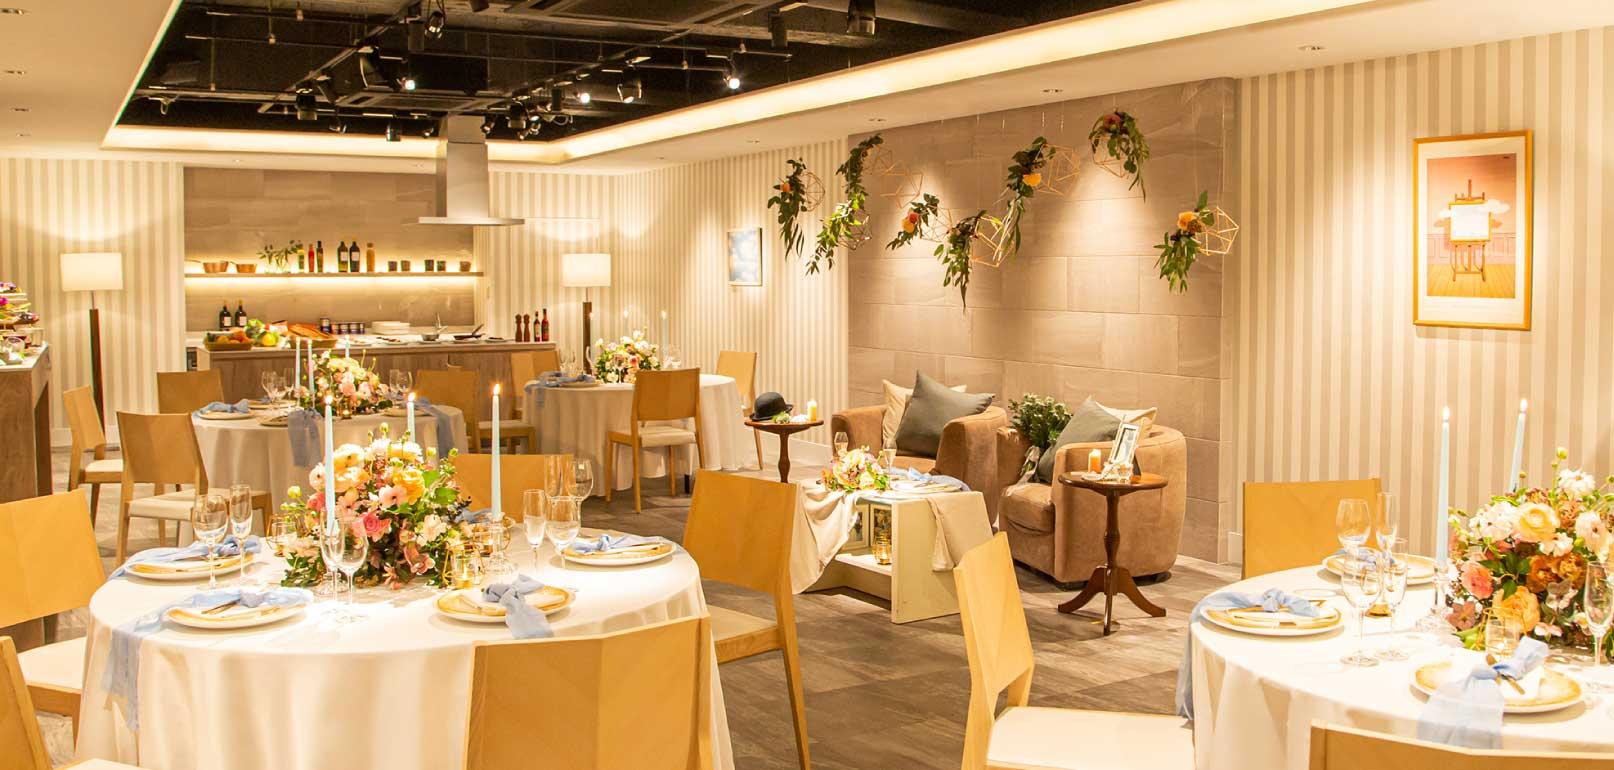 ザ マグリット | 岡山県岡山市の結婚式場・パーティーウェディング・おもてなしウェディング ジョルジェットマリー